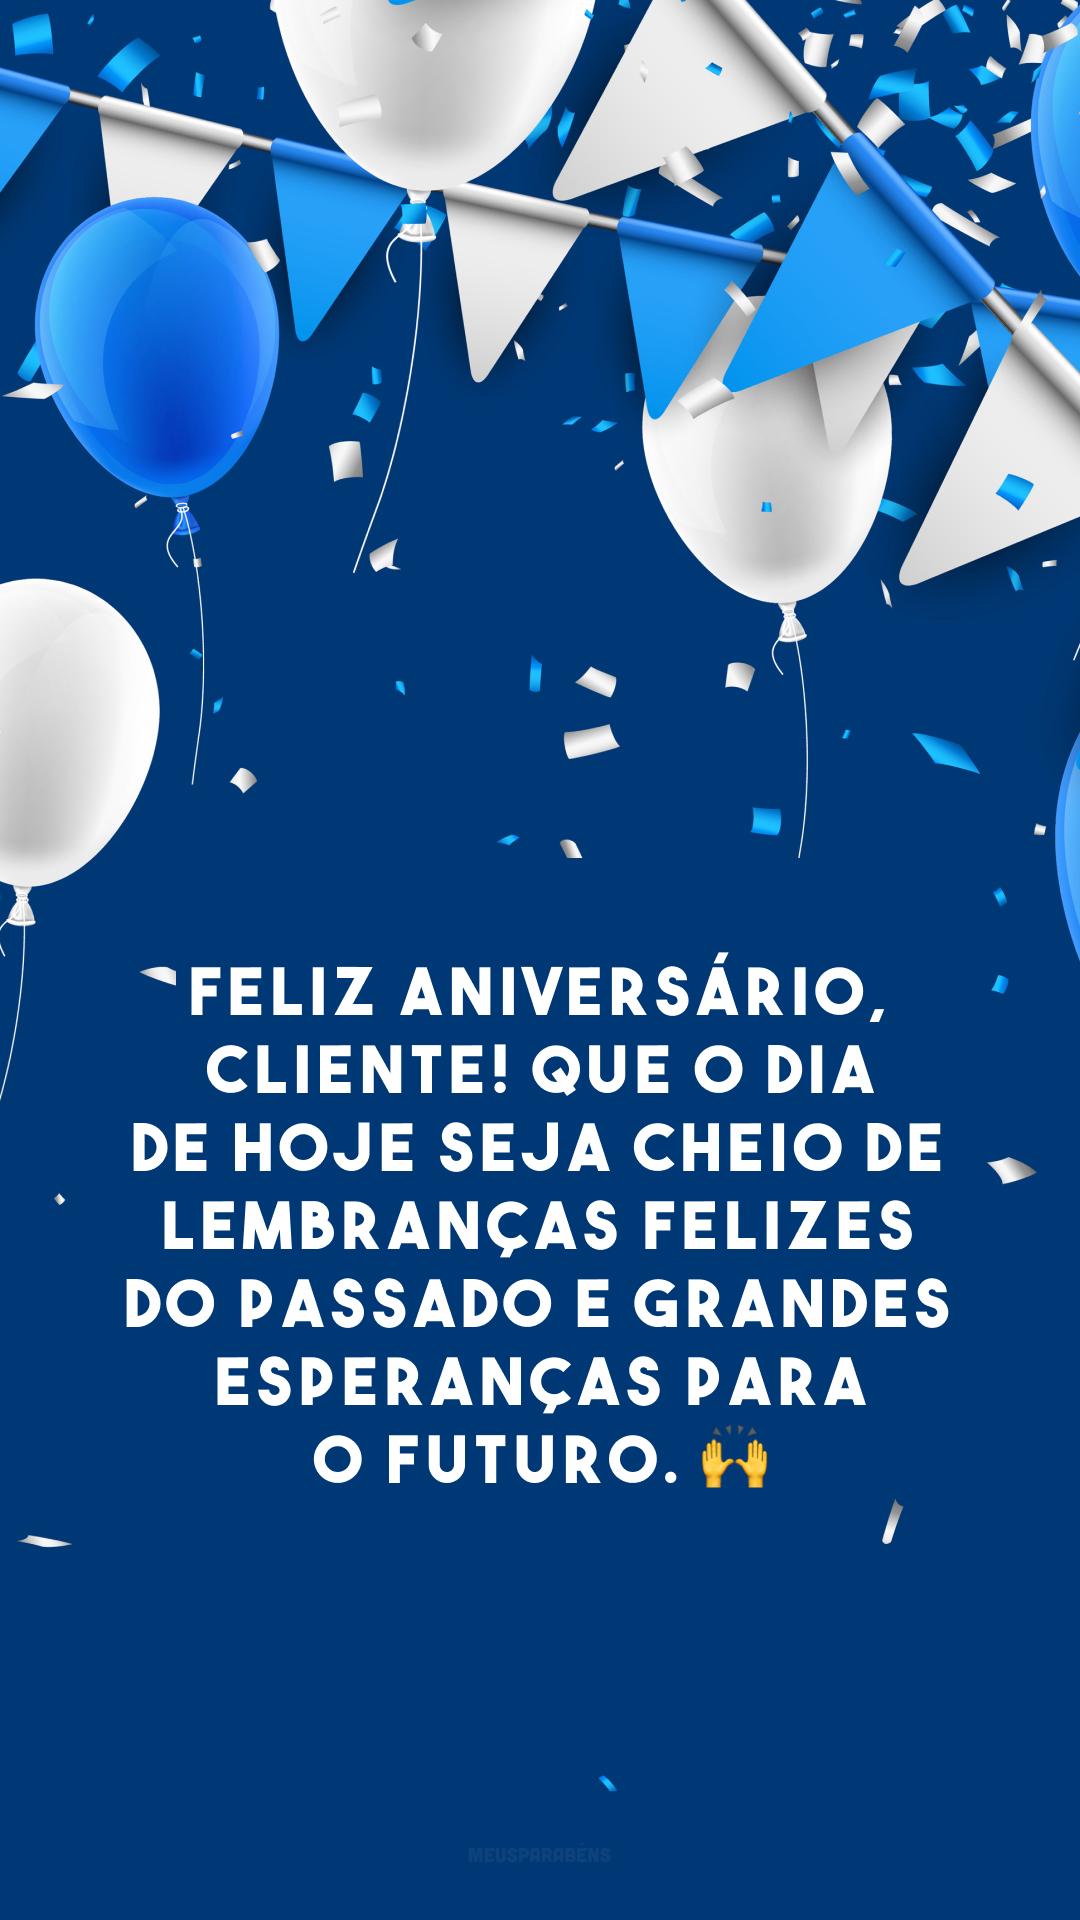 Feliz aniversário, cliente! Que o dia de hoje seja cheio de lembranças felizes do passado e grandes esperanças para o futuro. 🙌